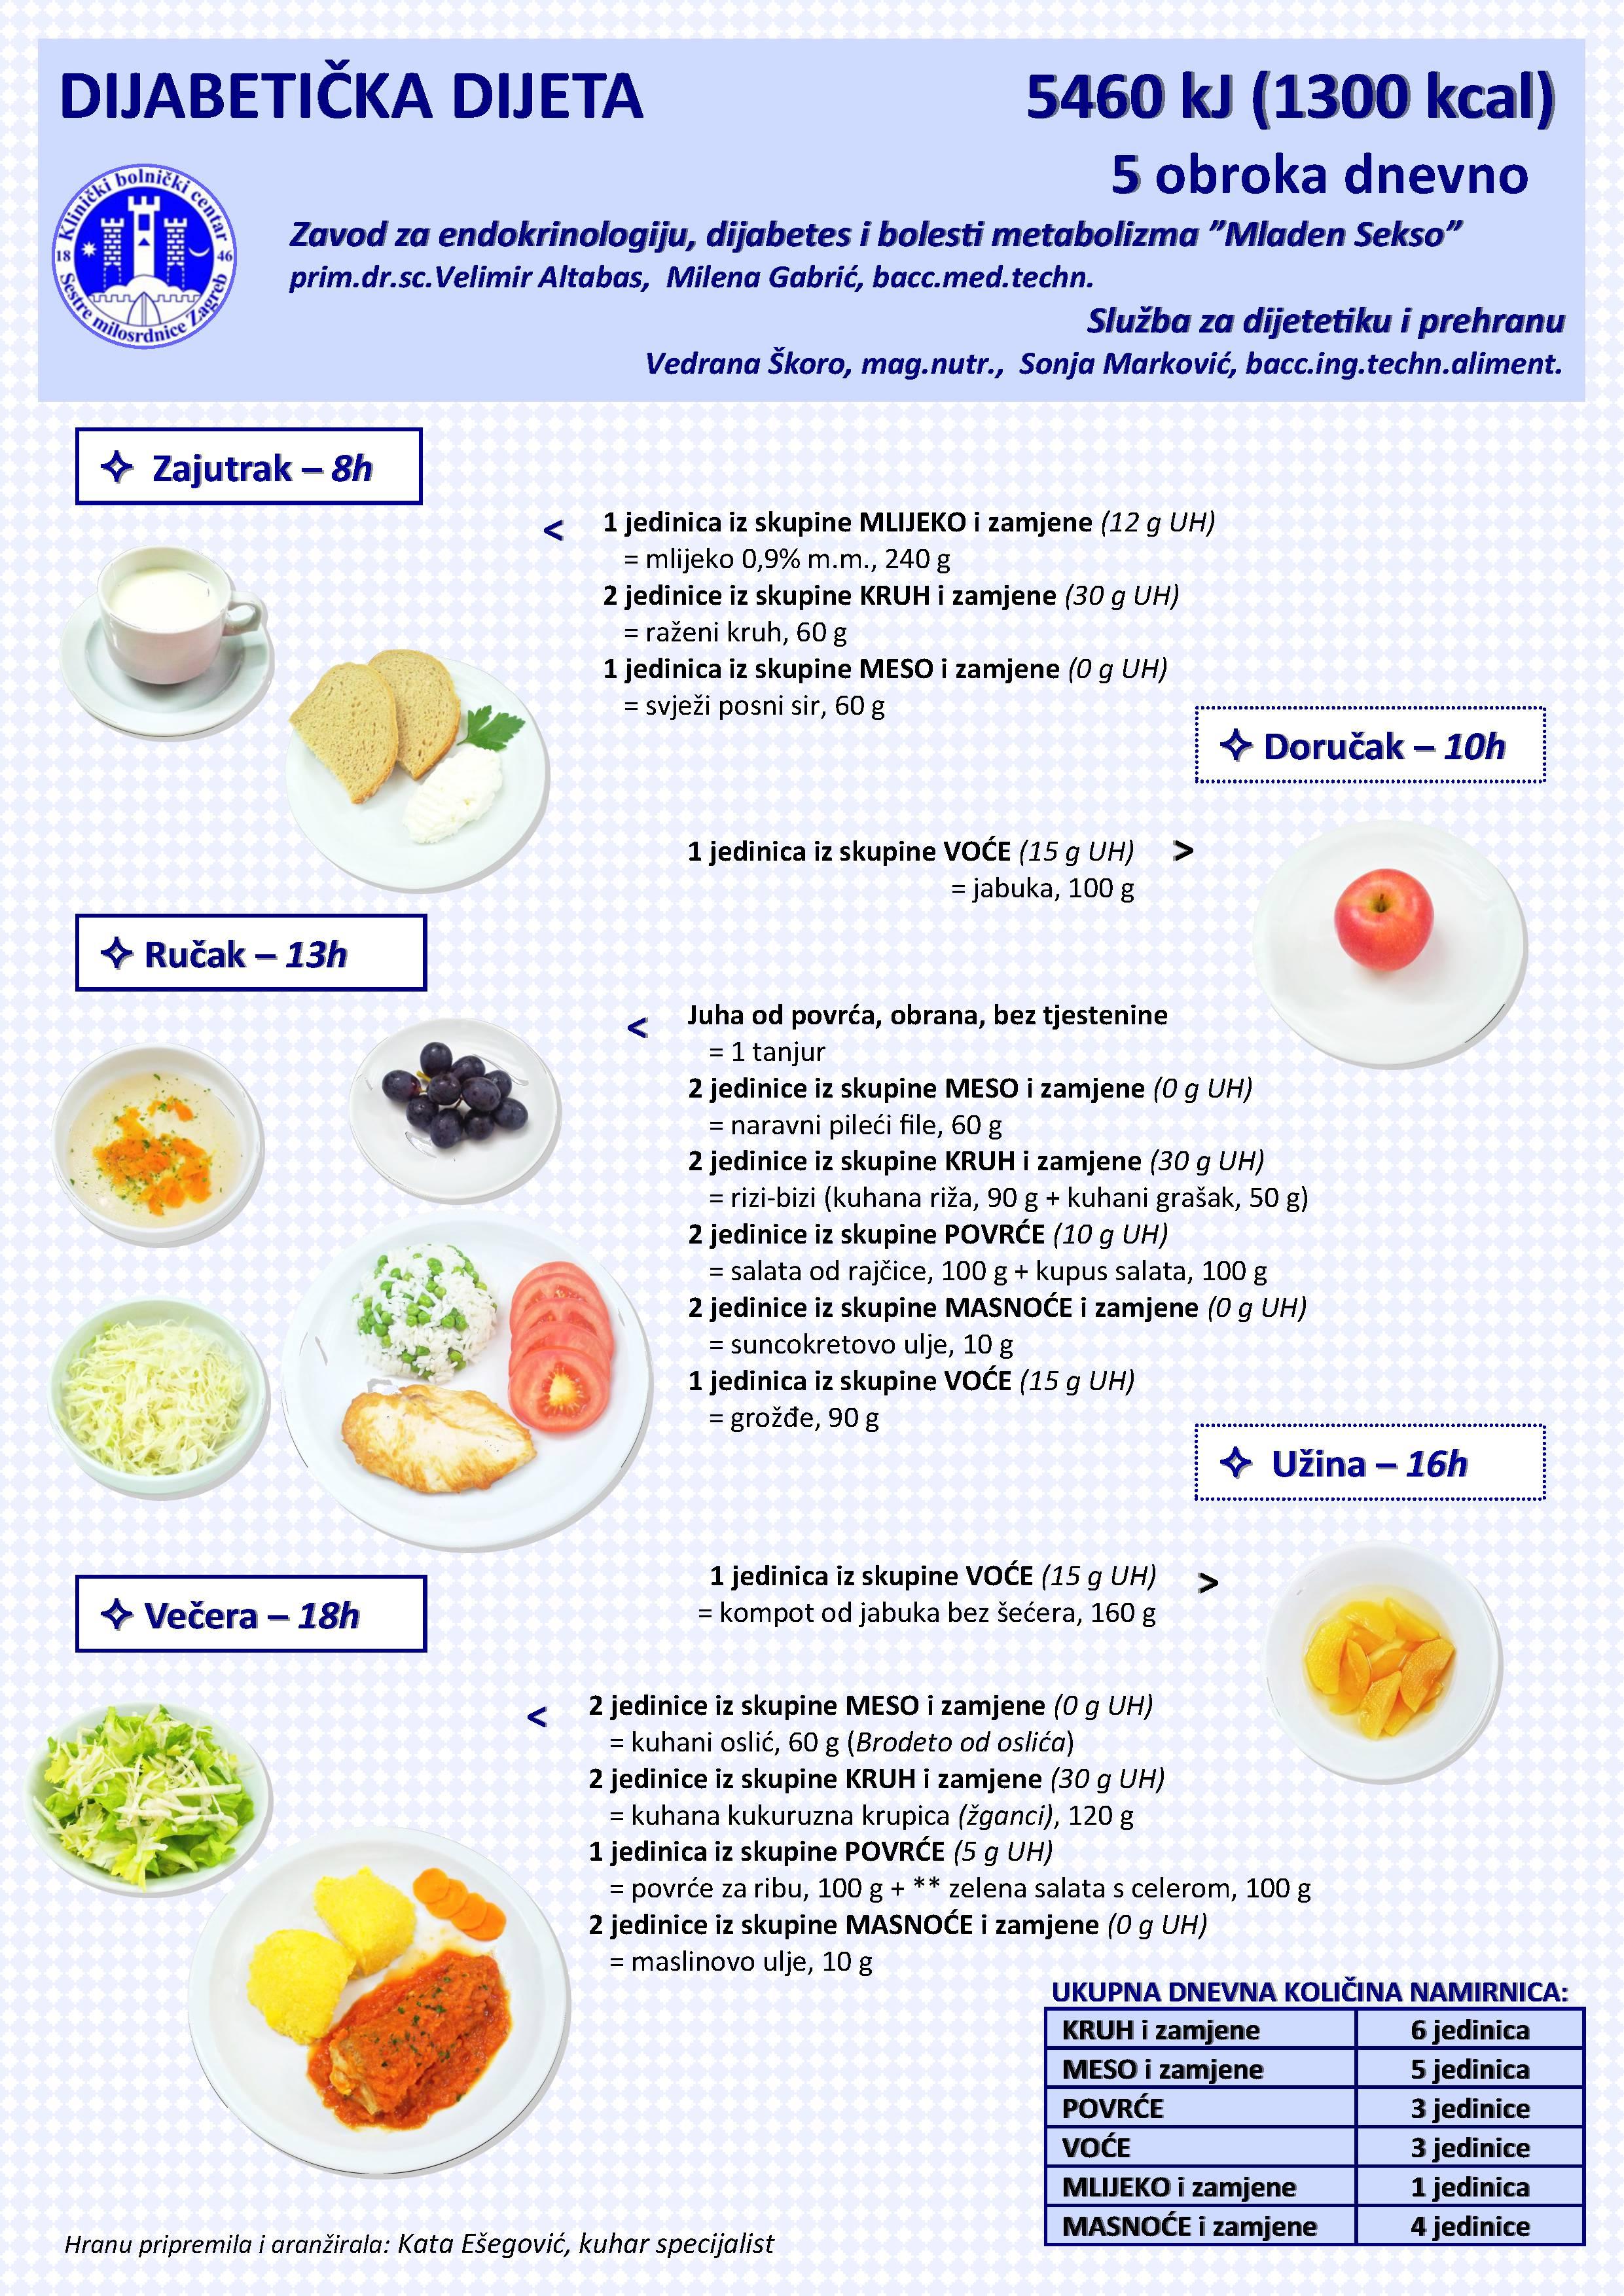 medicinska dijeta za dijabeticare